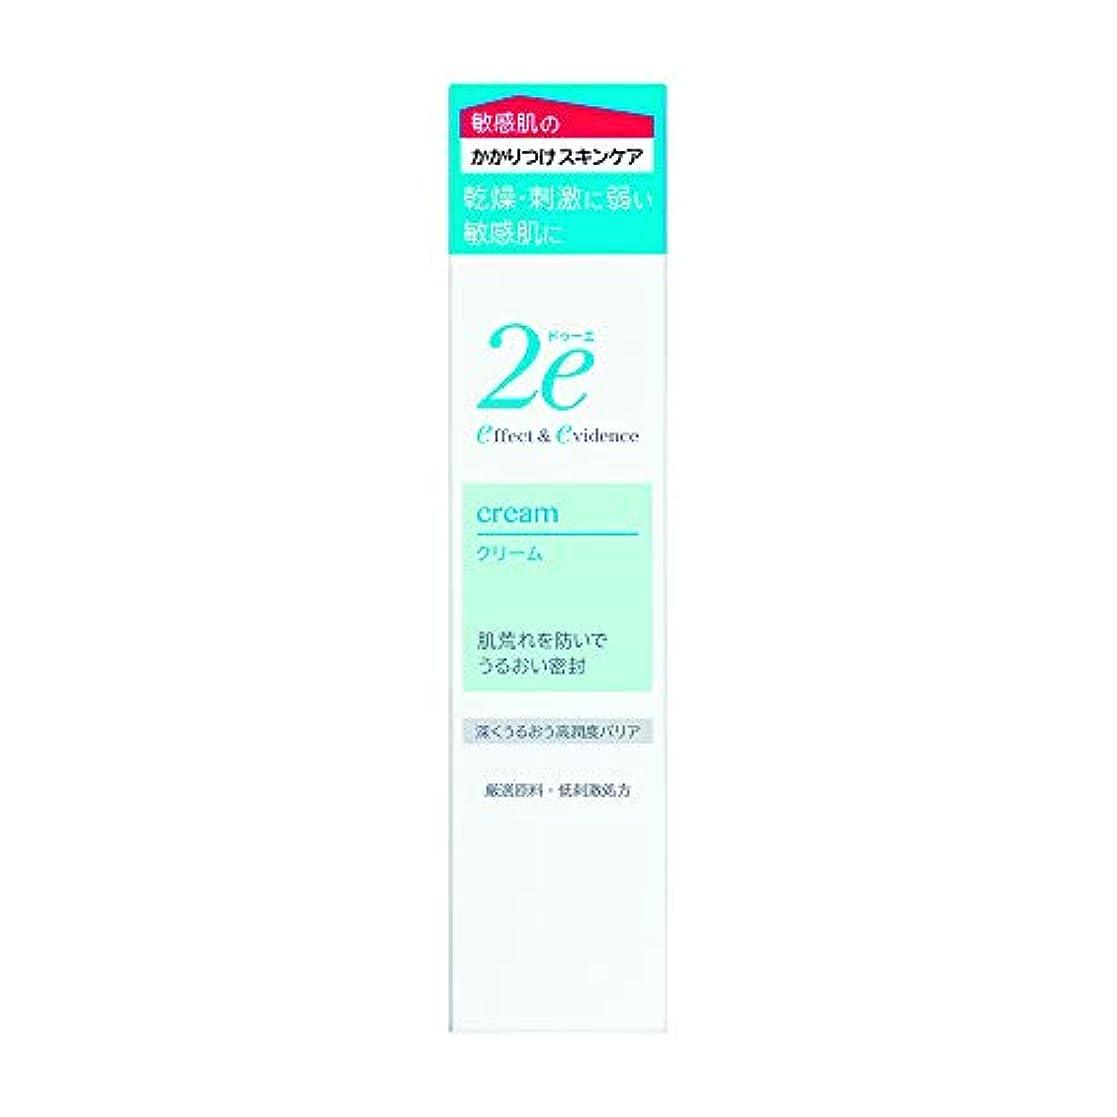 負離れた年金受給者2e(ドゥーエ) クリーム 敏感肌用クリーム 低刺激処方 深くうるおう高潤度バリア 30g